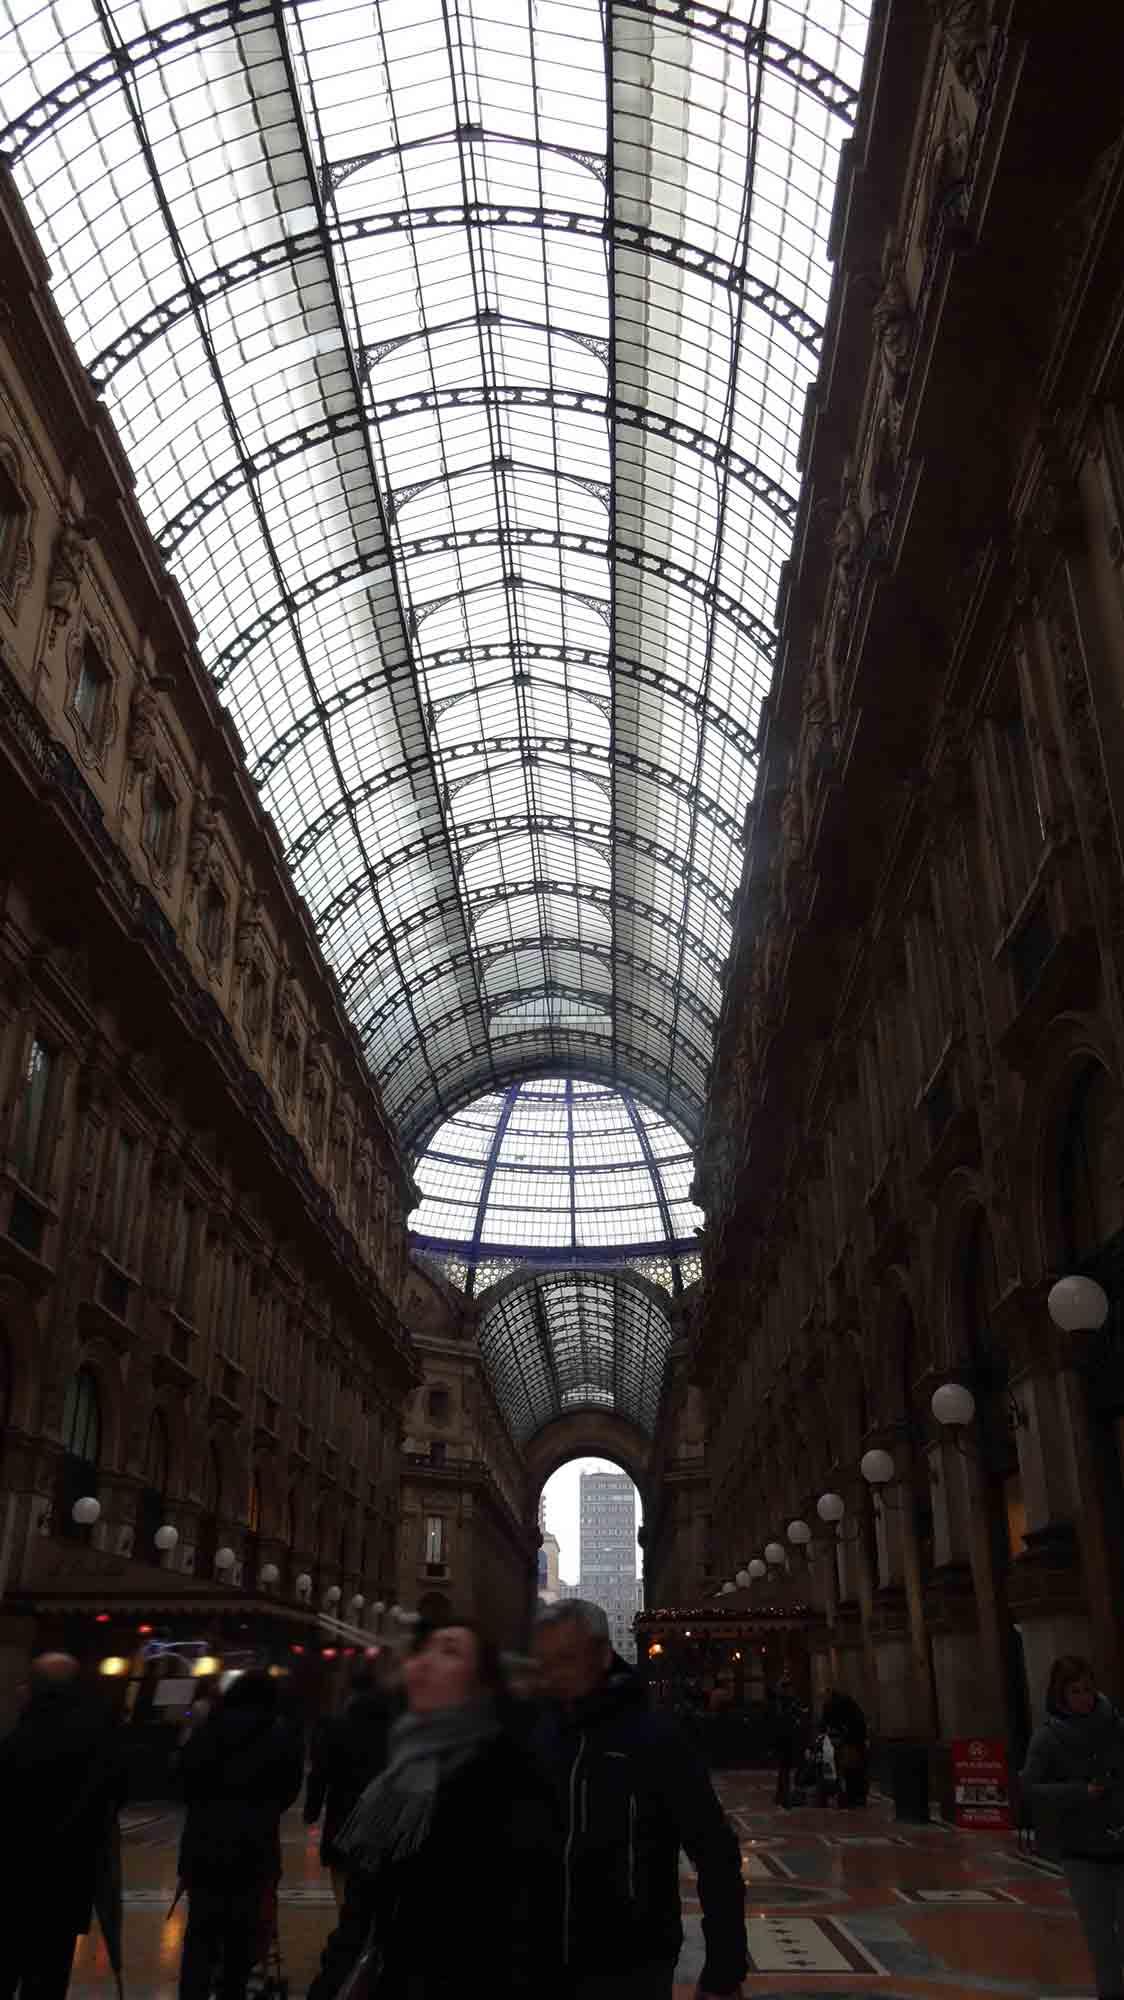 Galeria Vittorio Emanuelle II - Milão